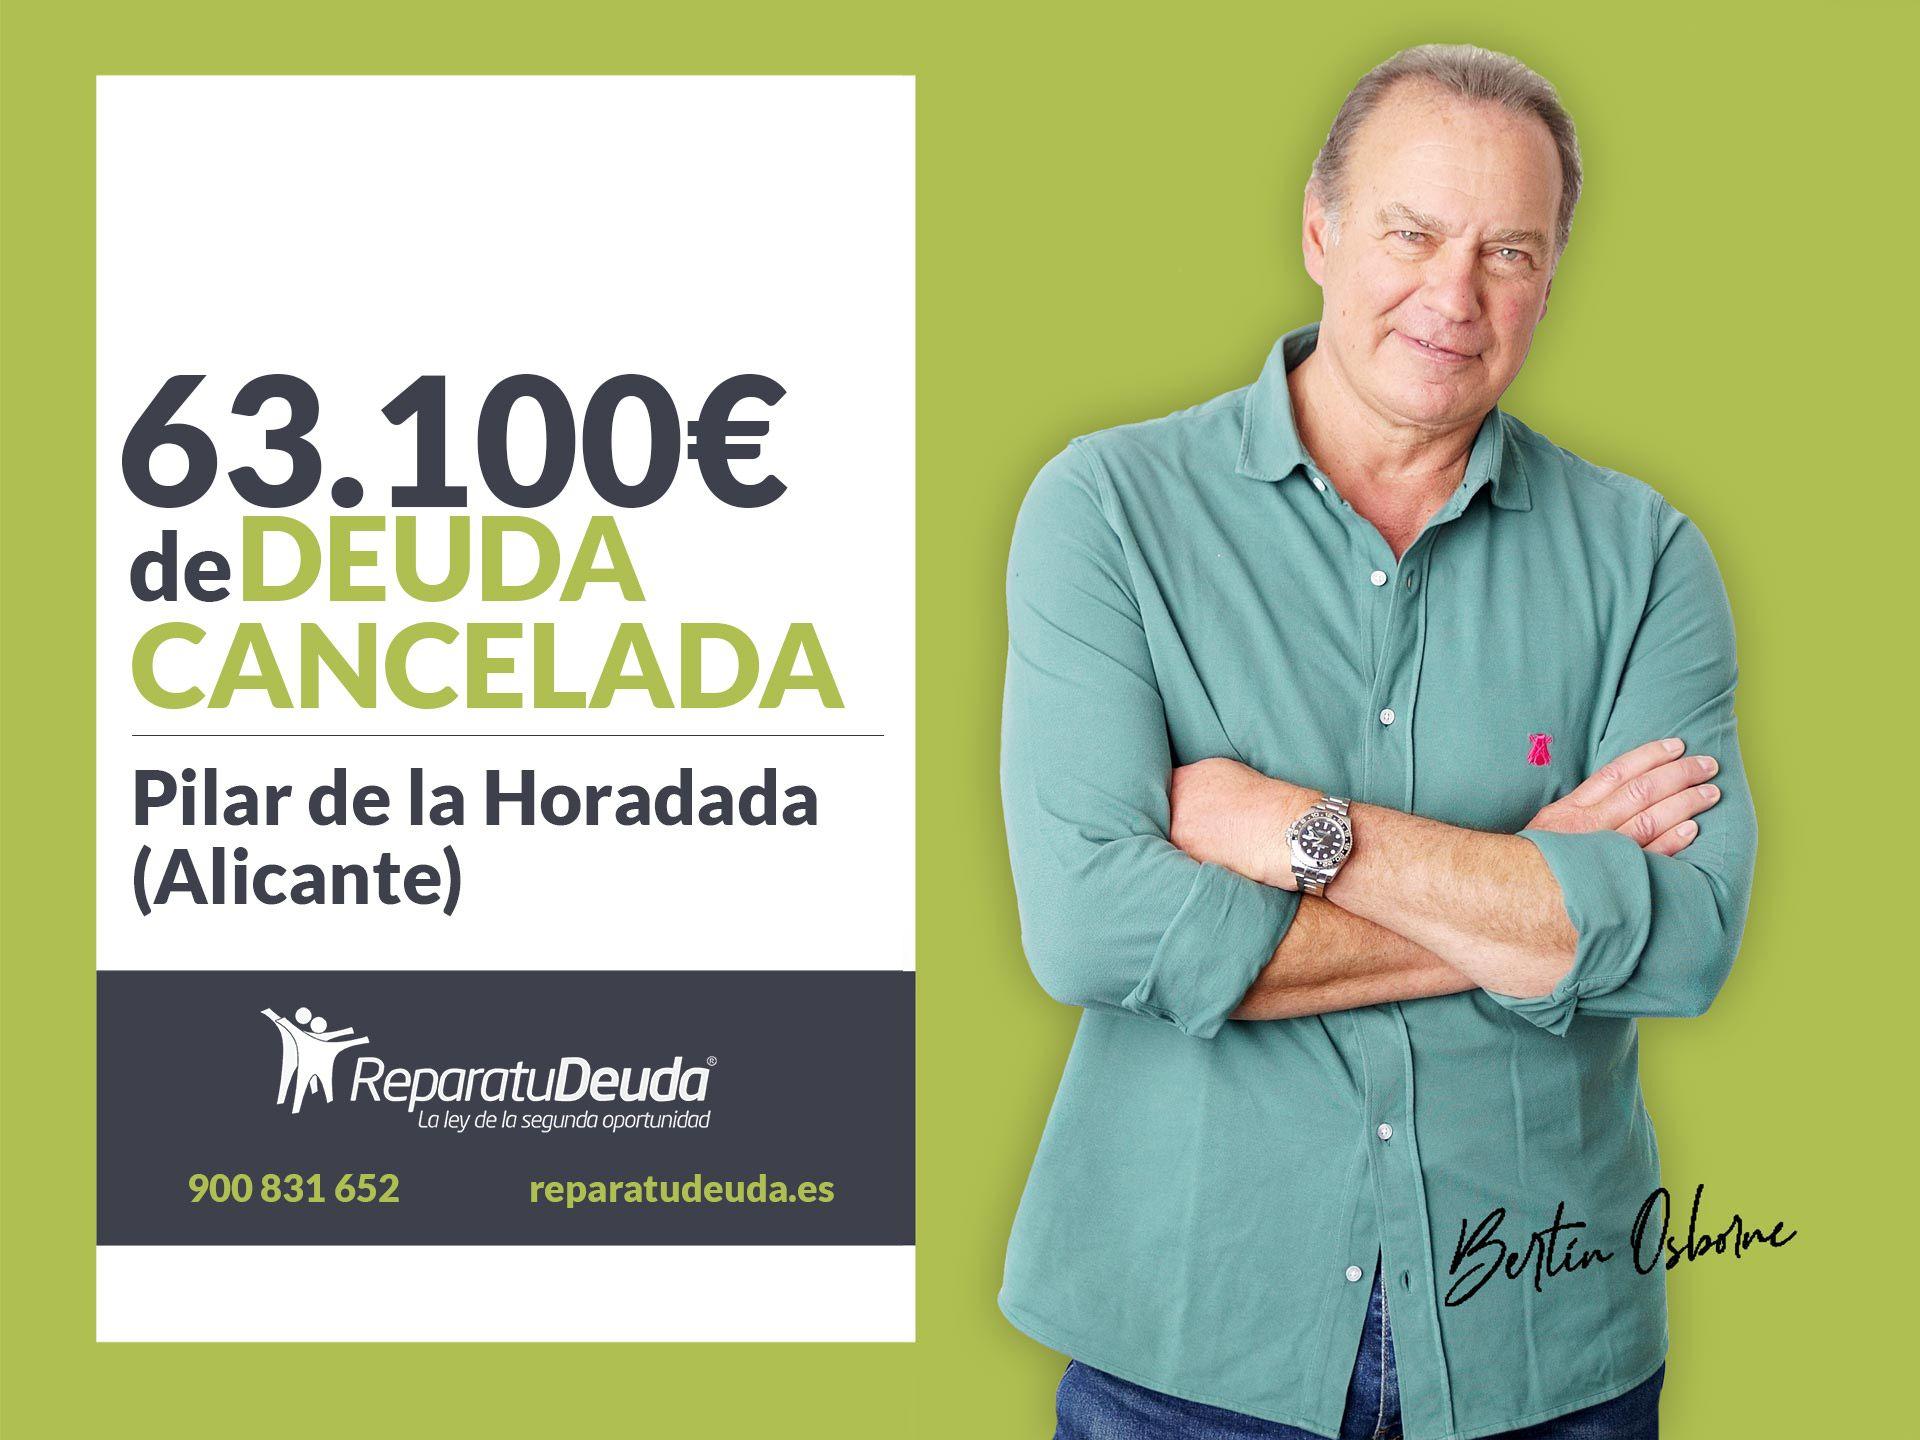 Repara tu Deuda cancela 63.100? en Pilar de la Horadada (Alicante) con la Ley de Segunda Oportunidad